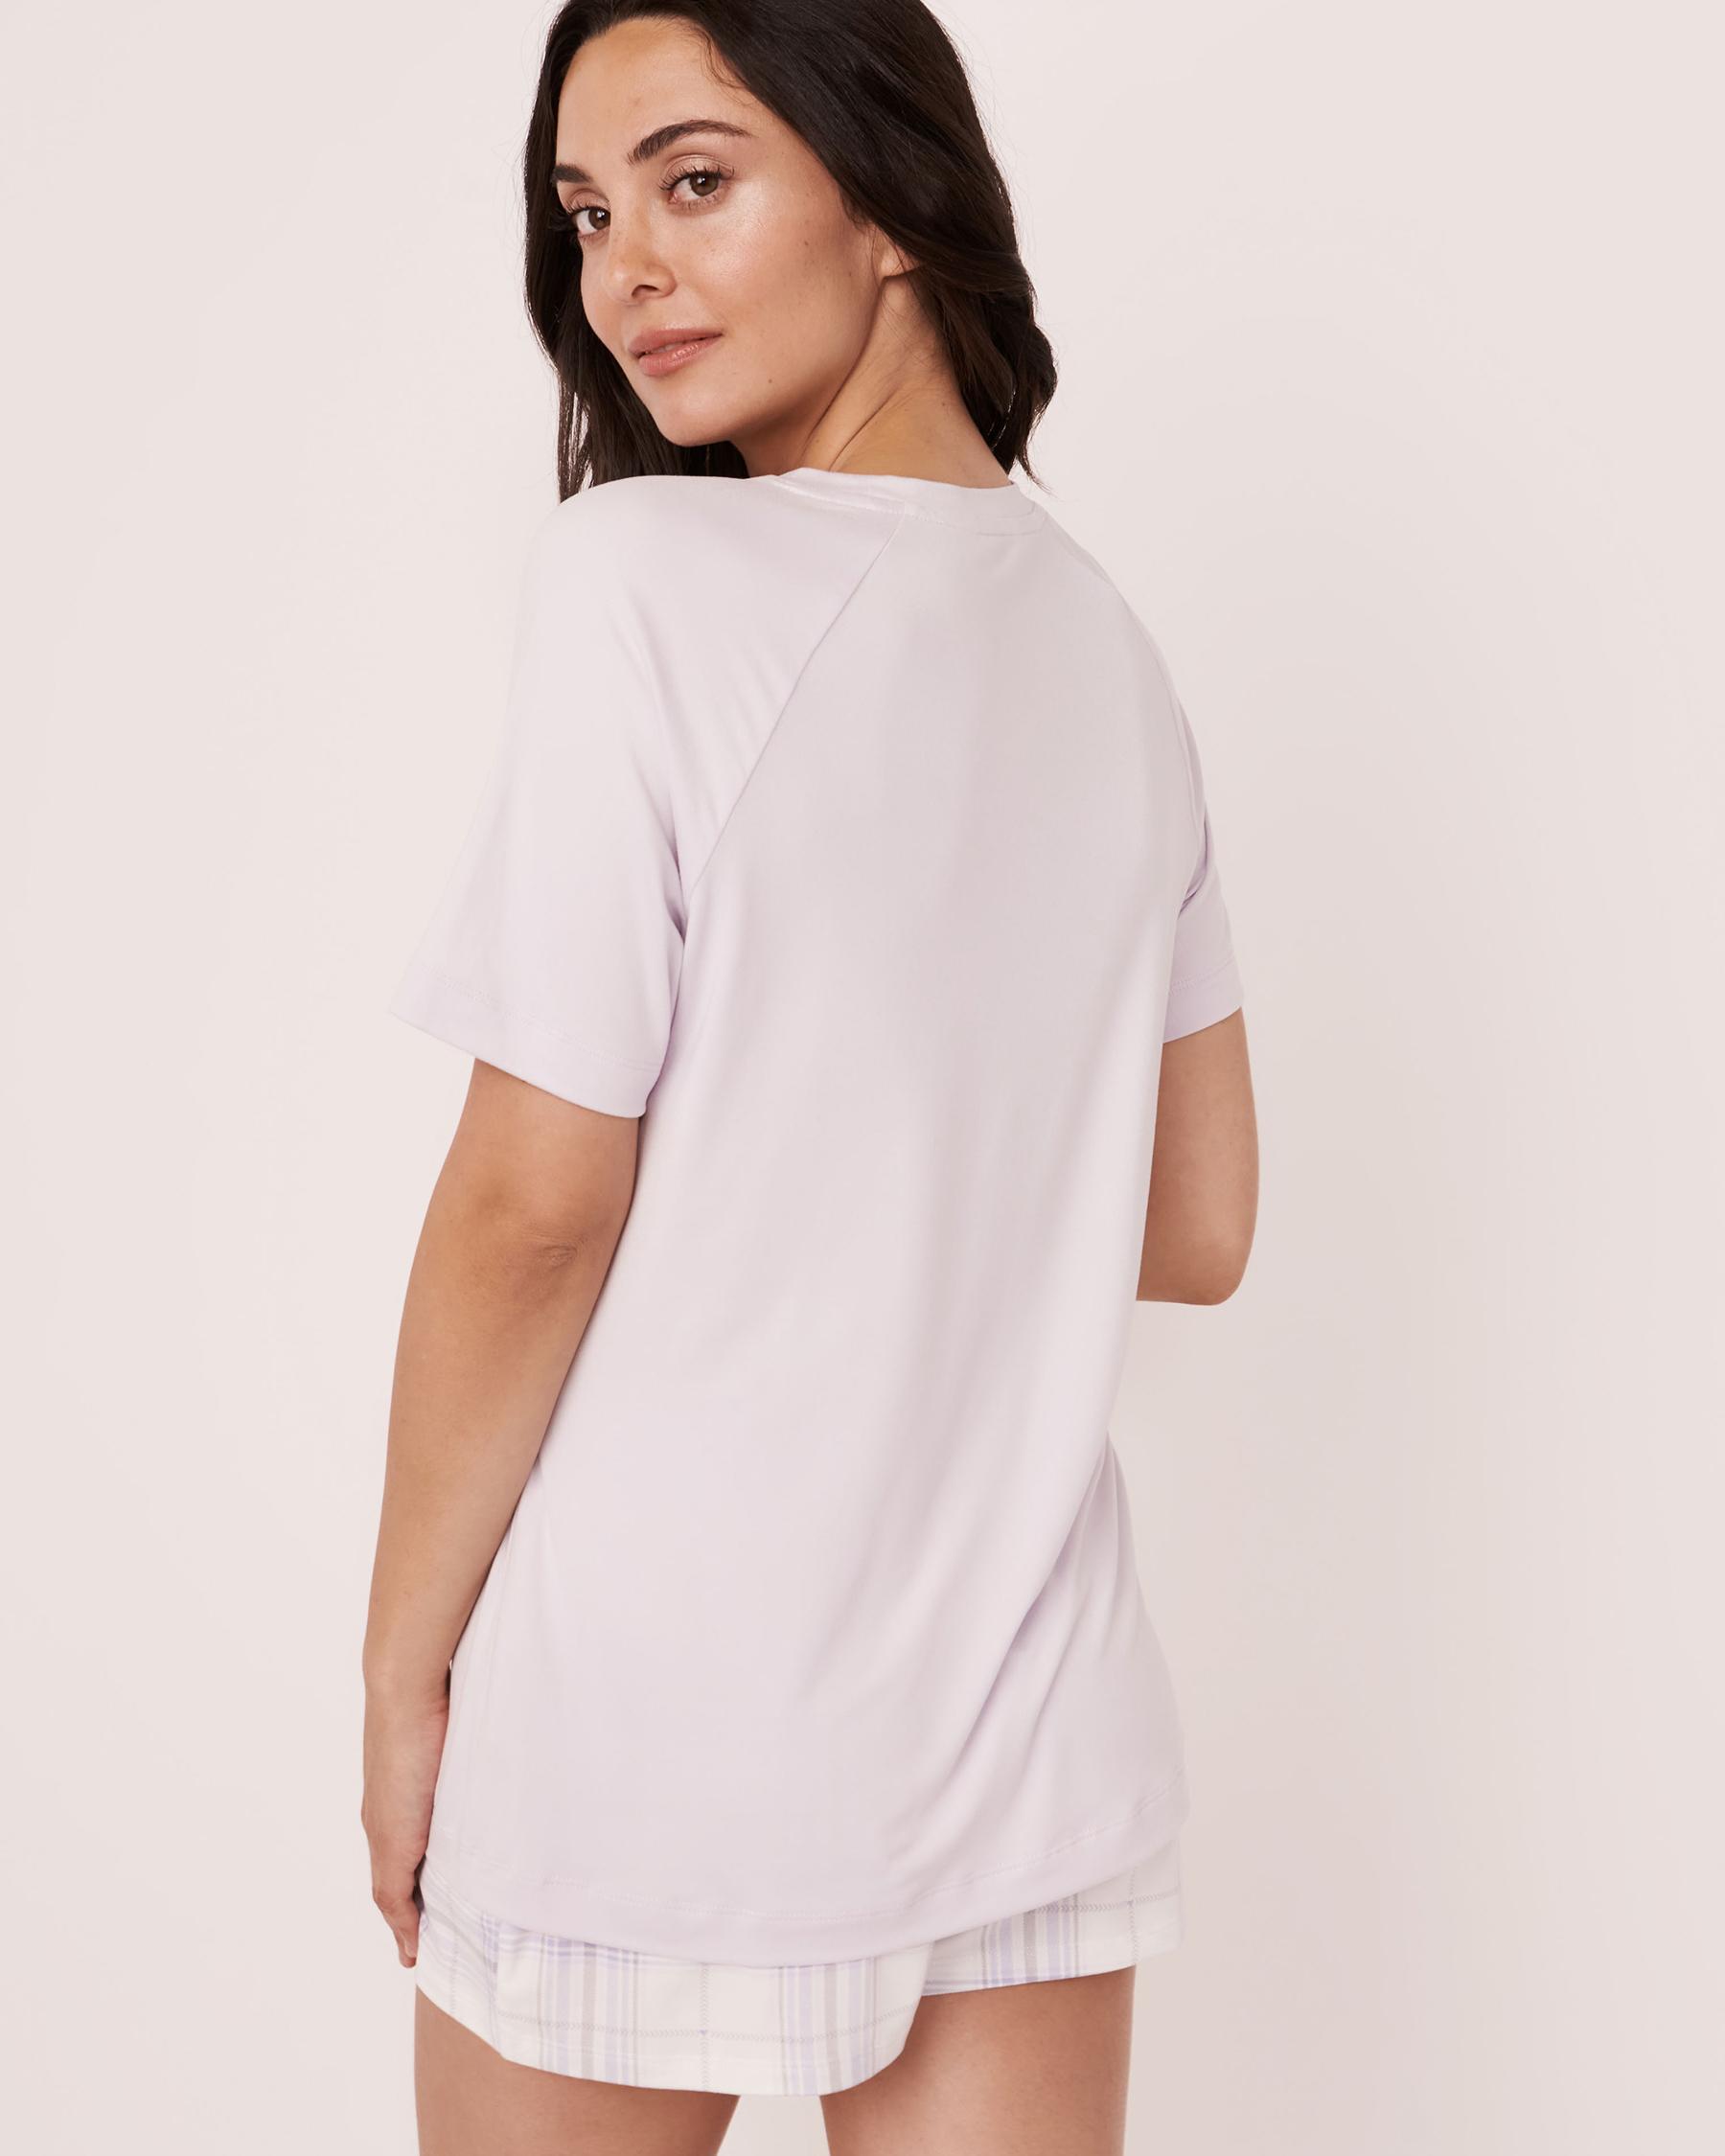 LA VIE EN ROSE Plush Print T-shirt Lavender 40100140 - View3